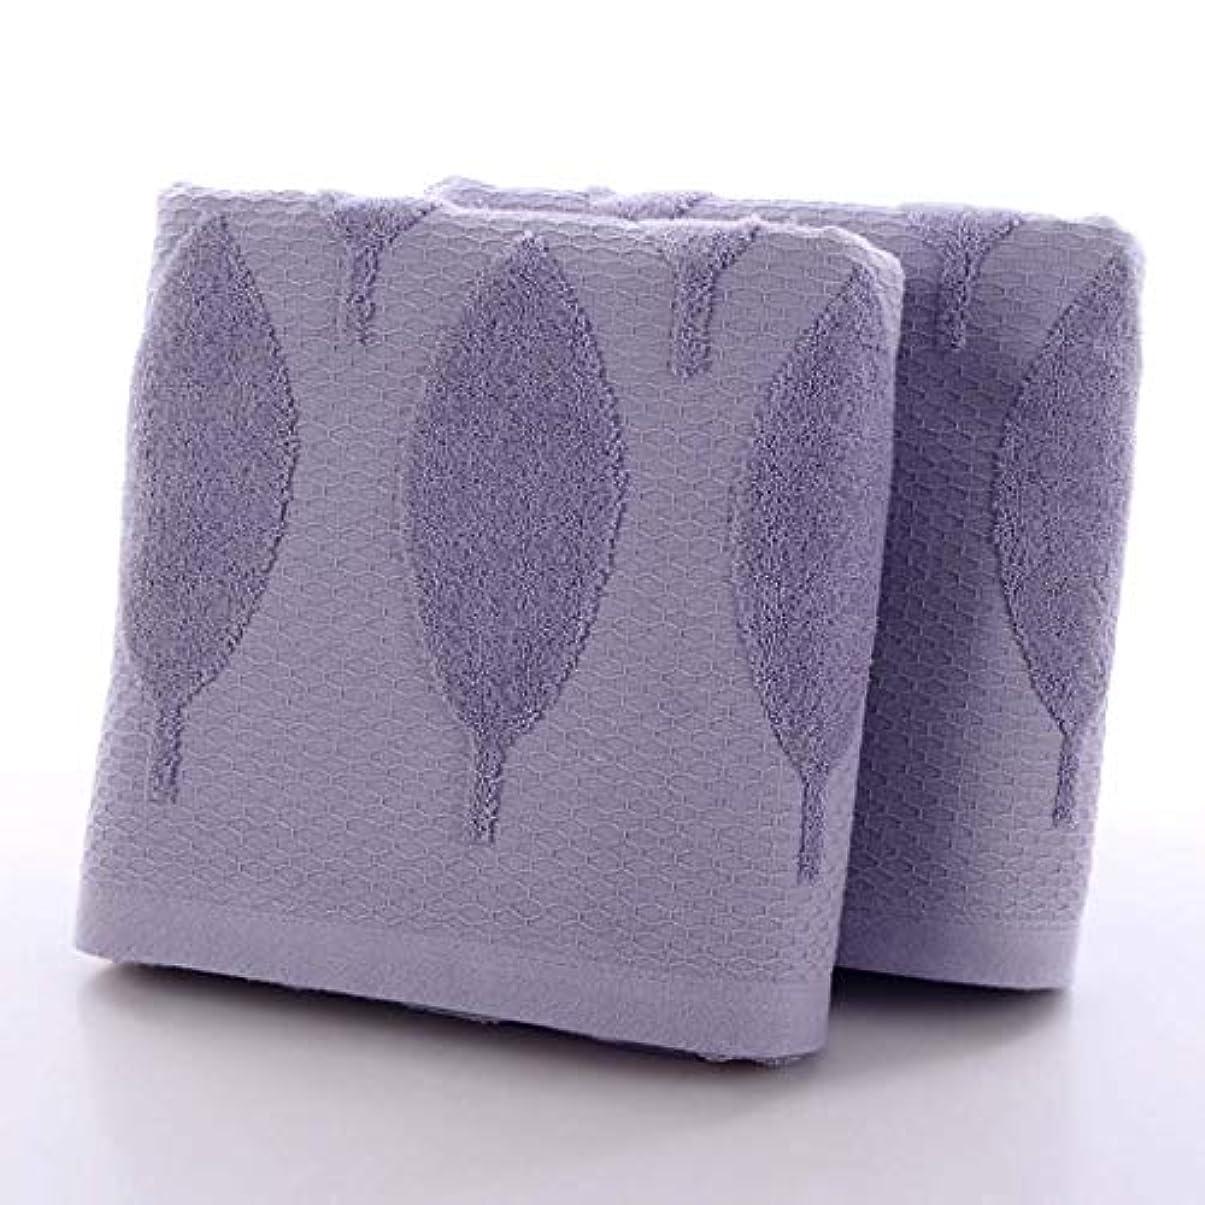 数治安判事豆柔らかい快適な綿のハンドタオルの速い乾燥したタオル,Blue,35*75cm